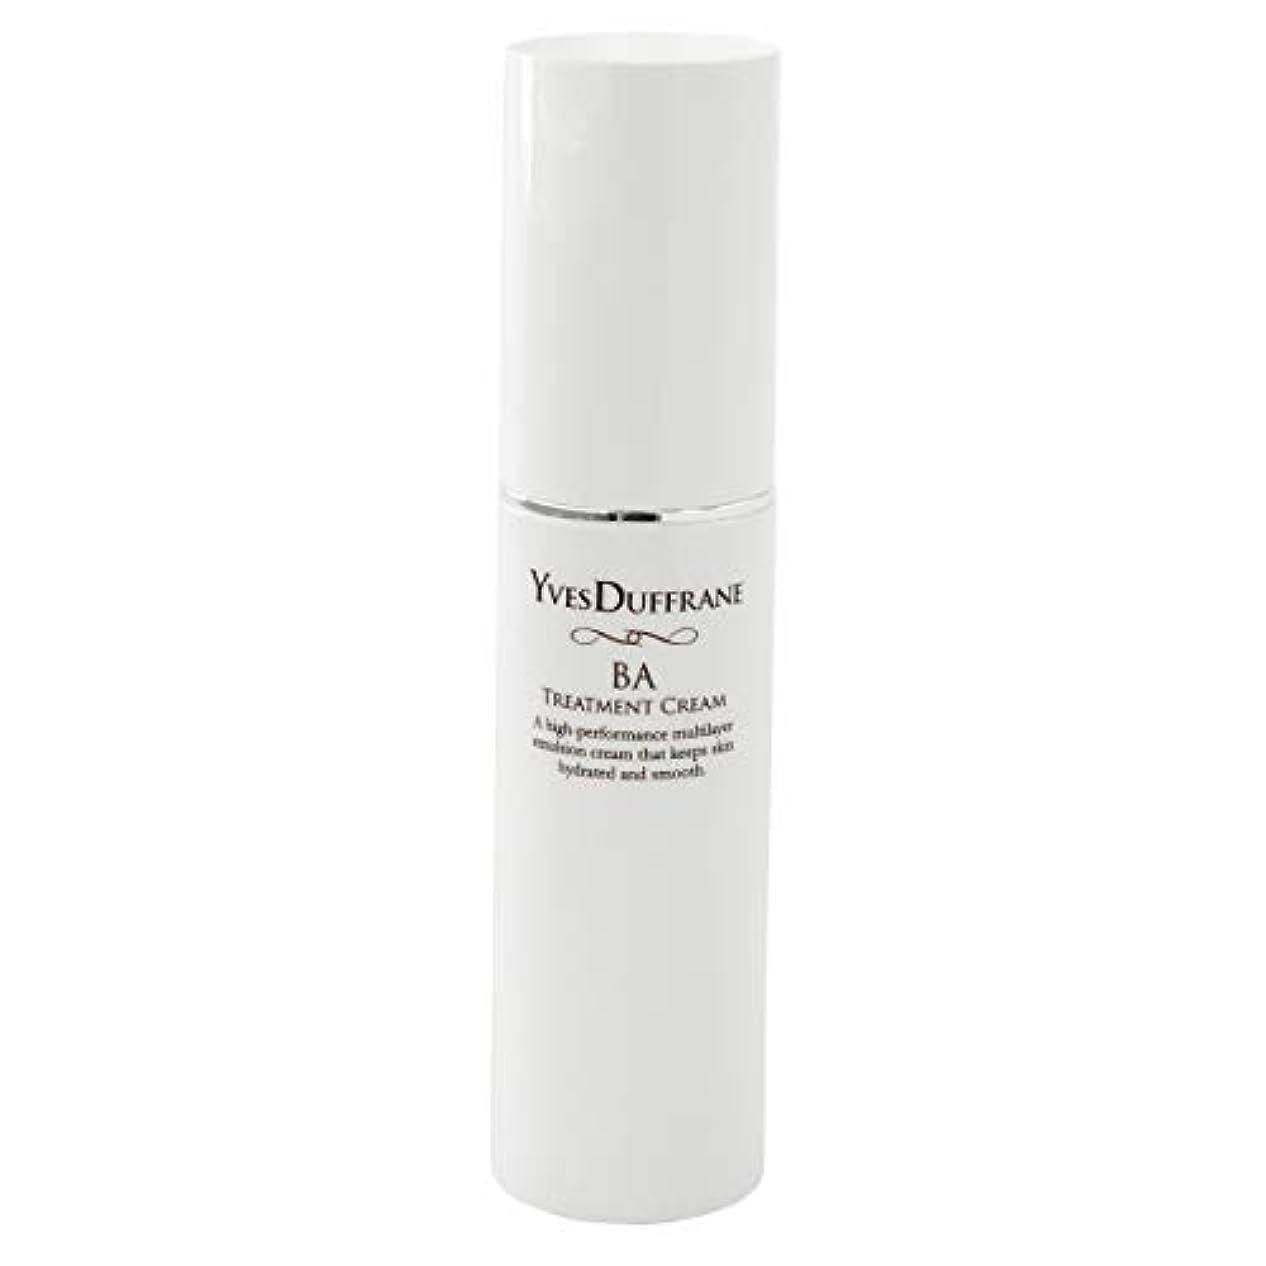 微生物補正磁石セラミド 美容クリーム [BAトリートメント クリーム ] 顔 目元 敏感肌 保湿 セラミド ビタミンC誘導体 バイオアンテージ配合